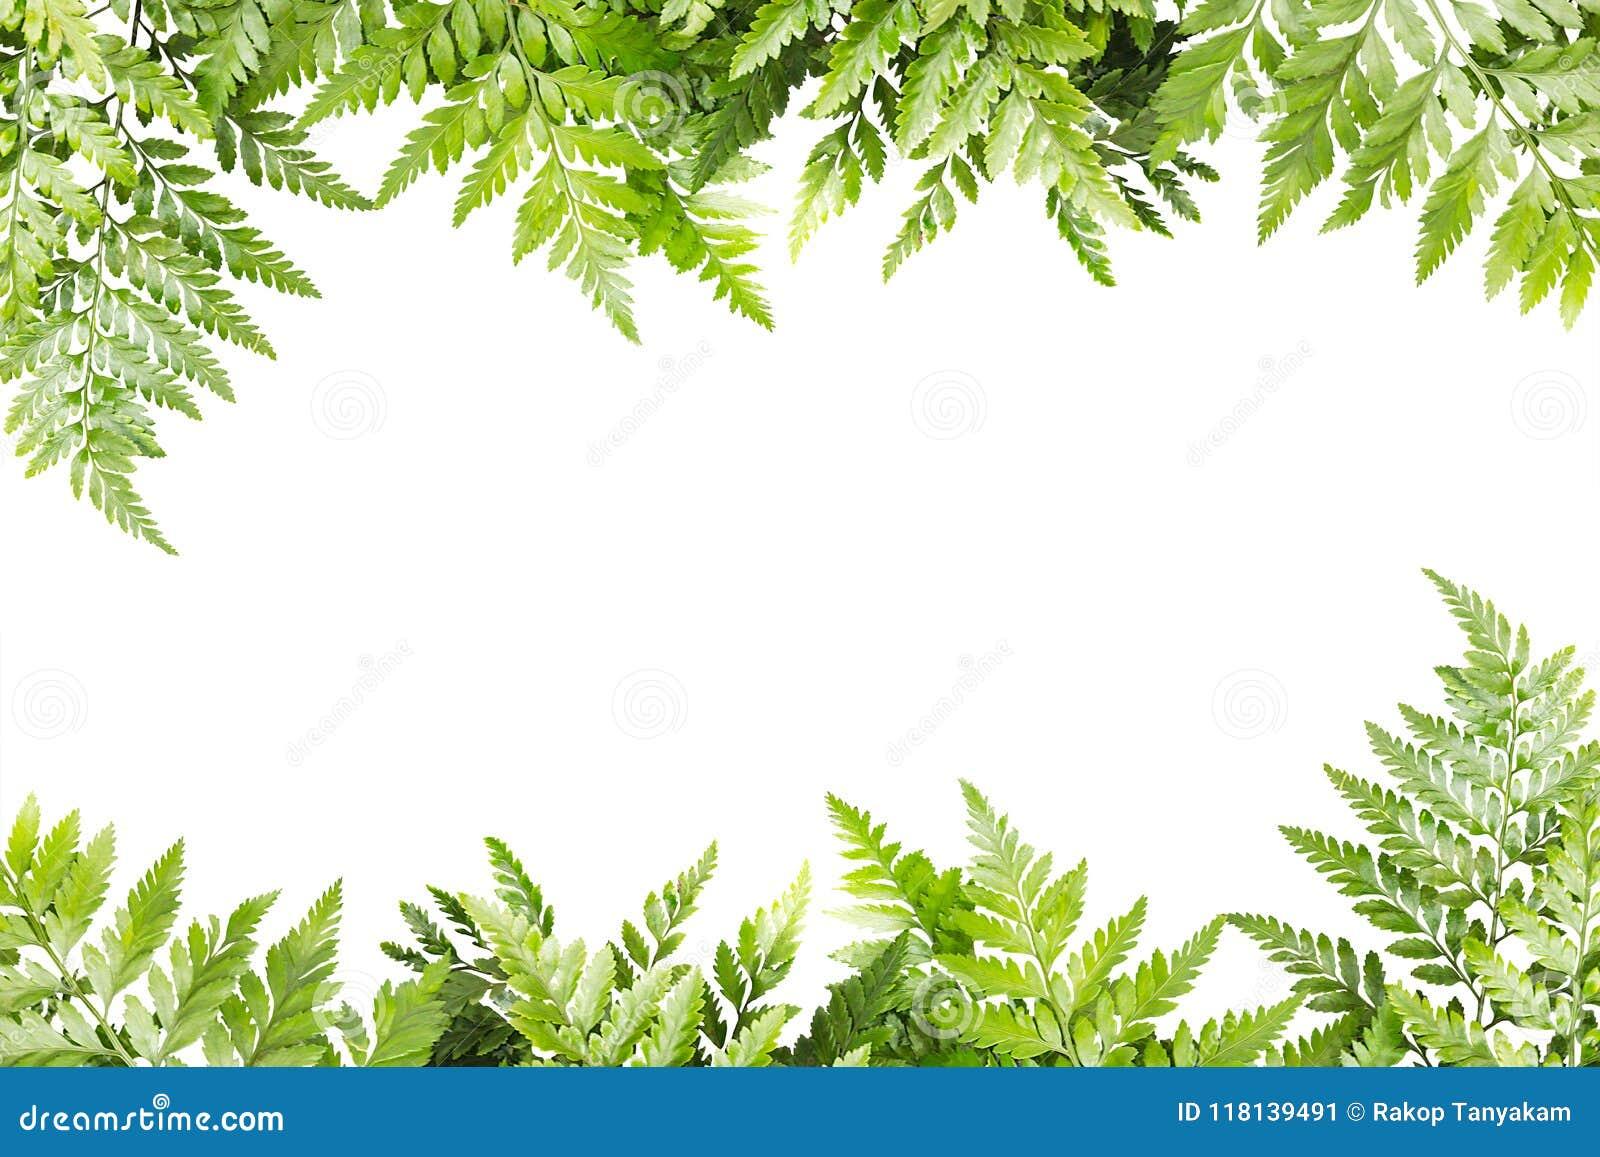 Hojas Del Verde Para El Marco En El Fondo Blanco Frontera De La Naturaleza Imagen De Archivo Imagen De Planta Macro 118139491